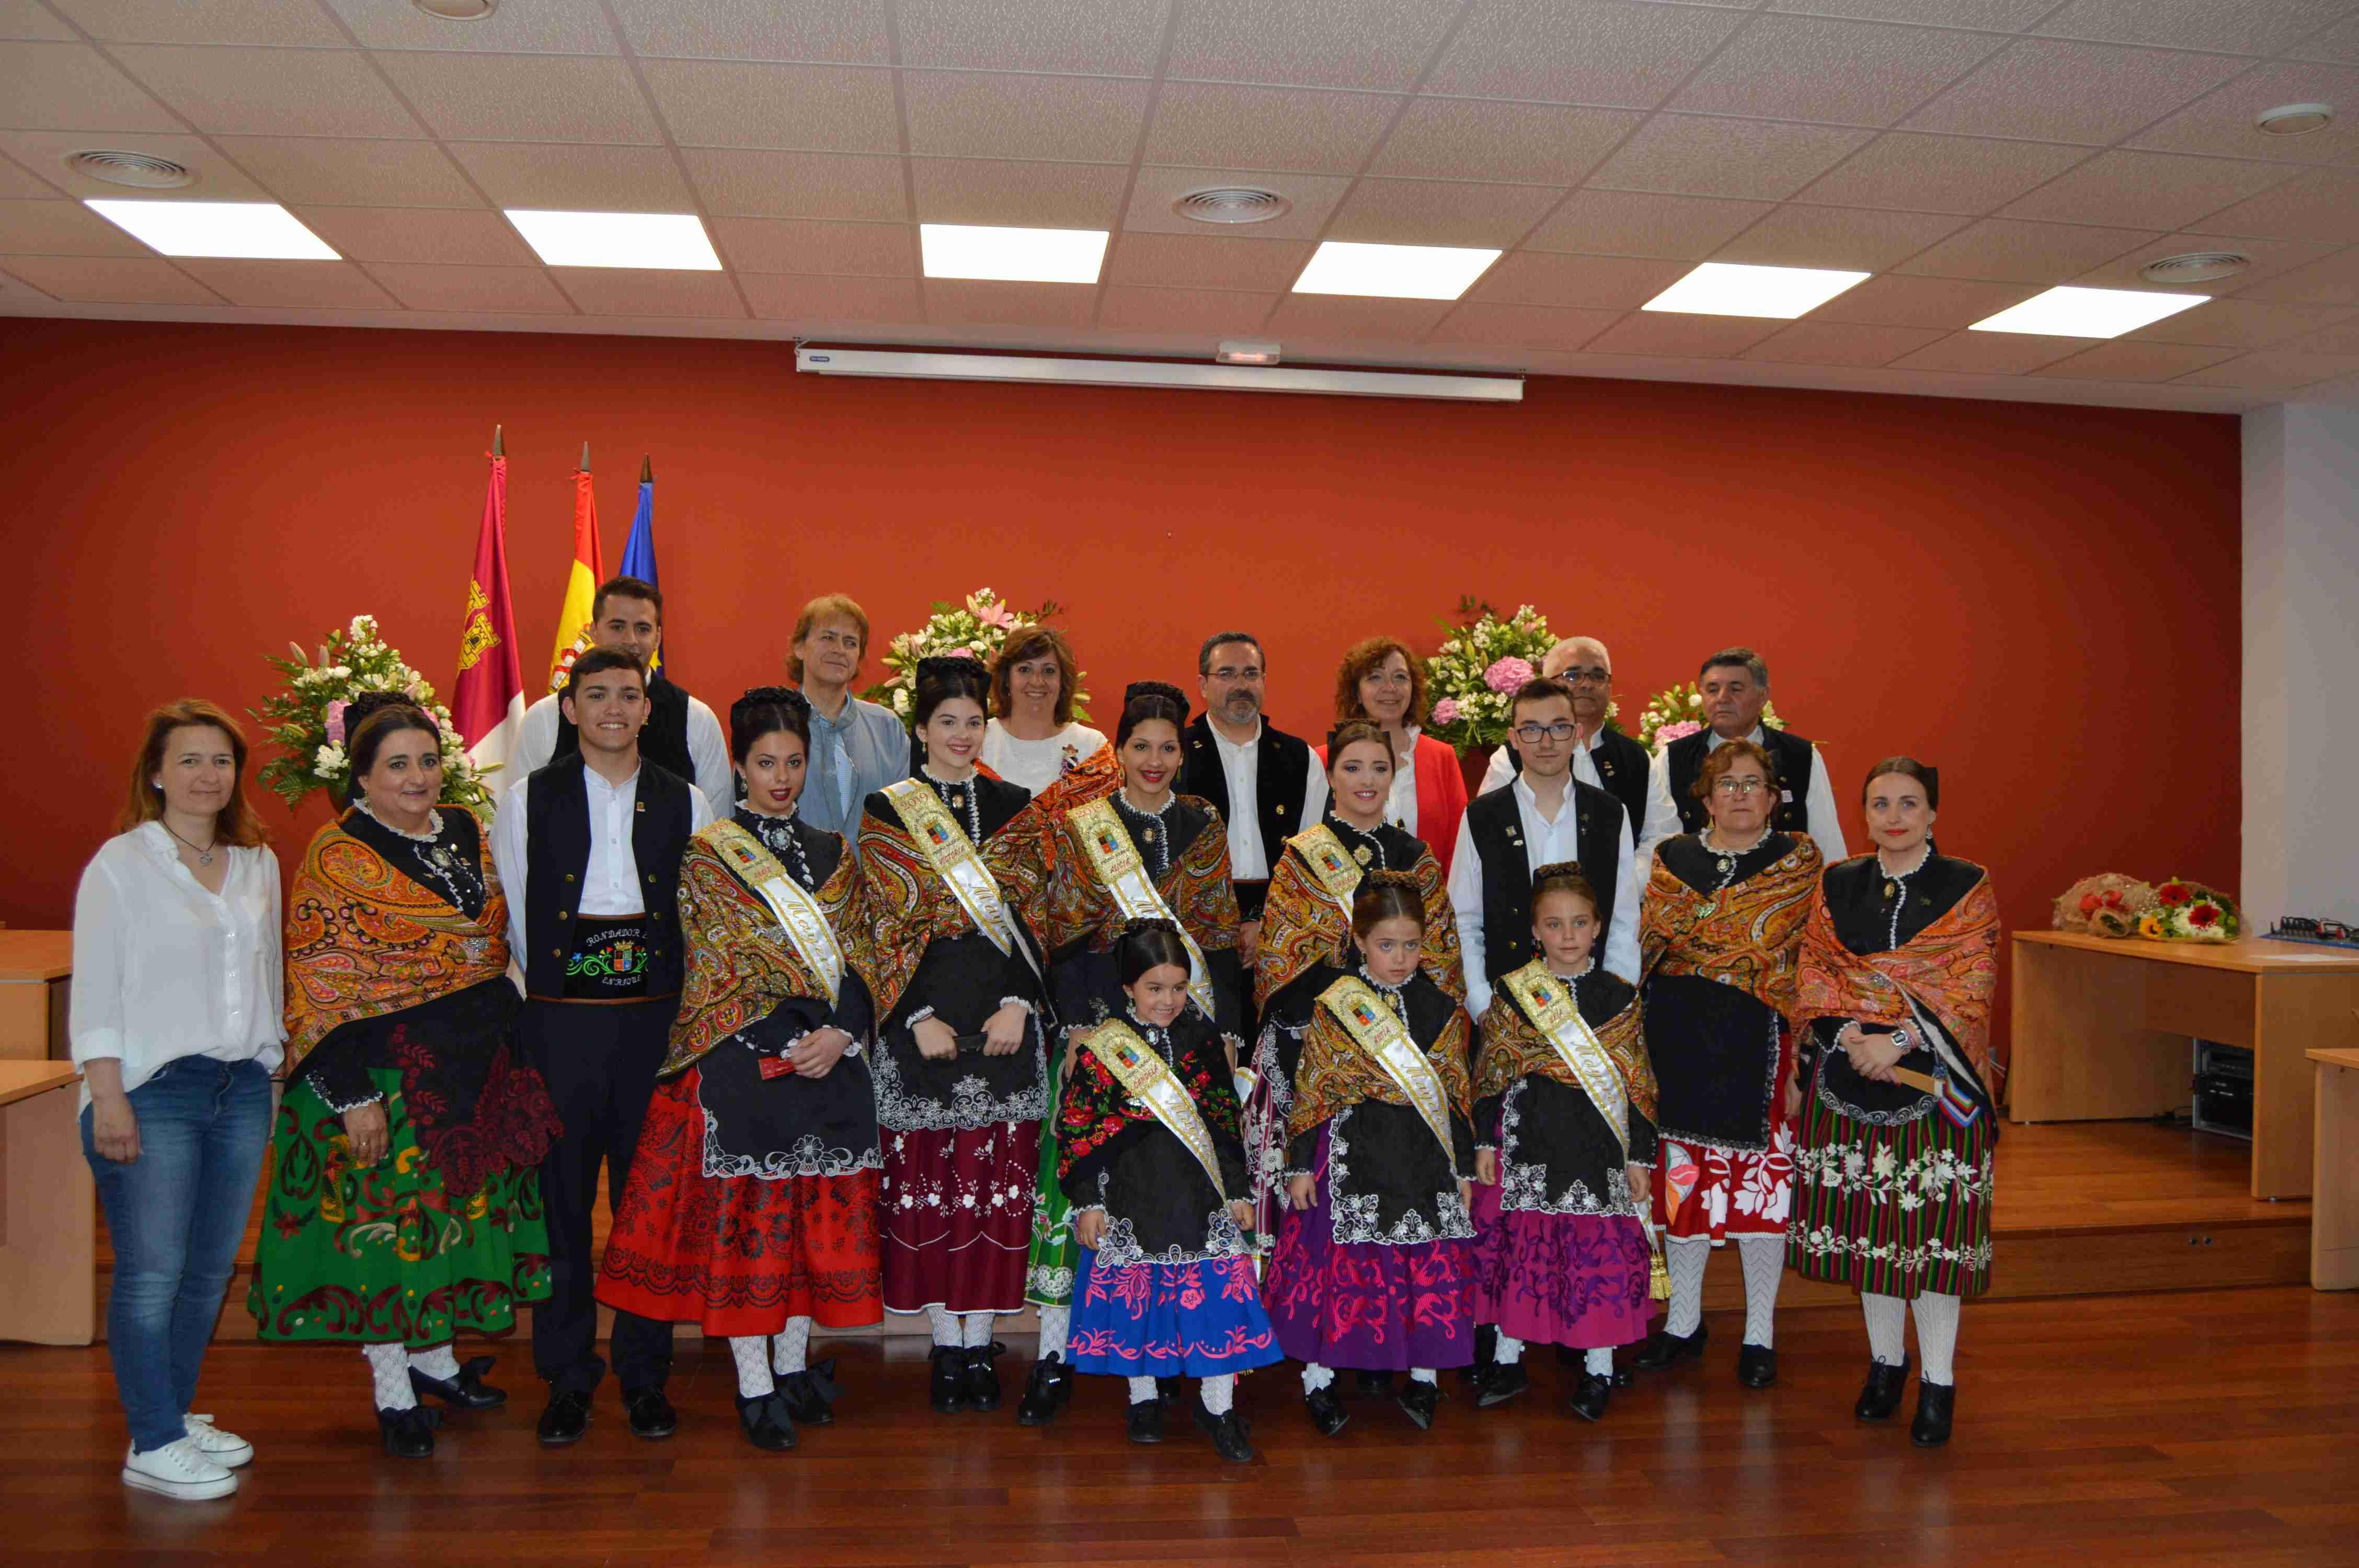 La consejera de Economía celebra la primera edición del Mayo Manchego de Pedro Muñoz con la declaración de Fiesta de Interés Turístico Nacional 3